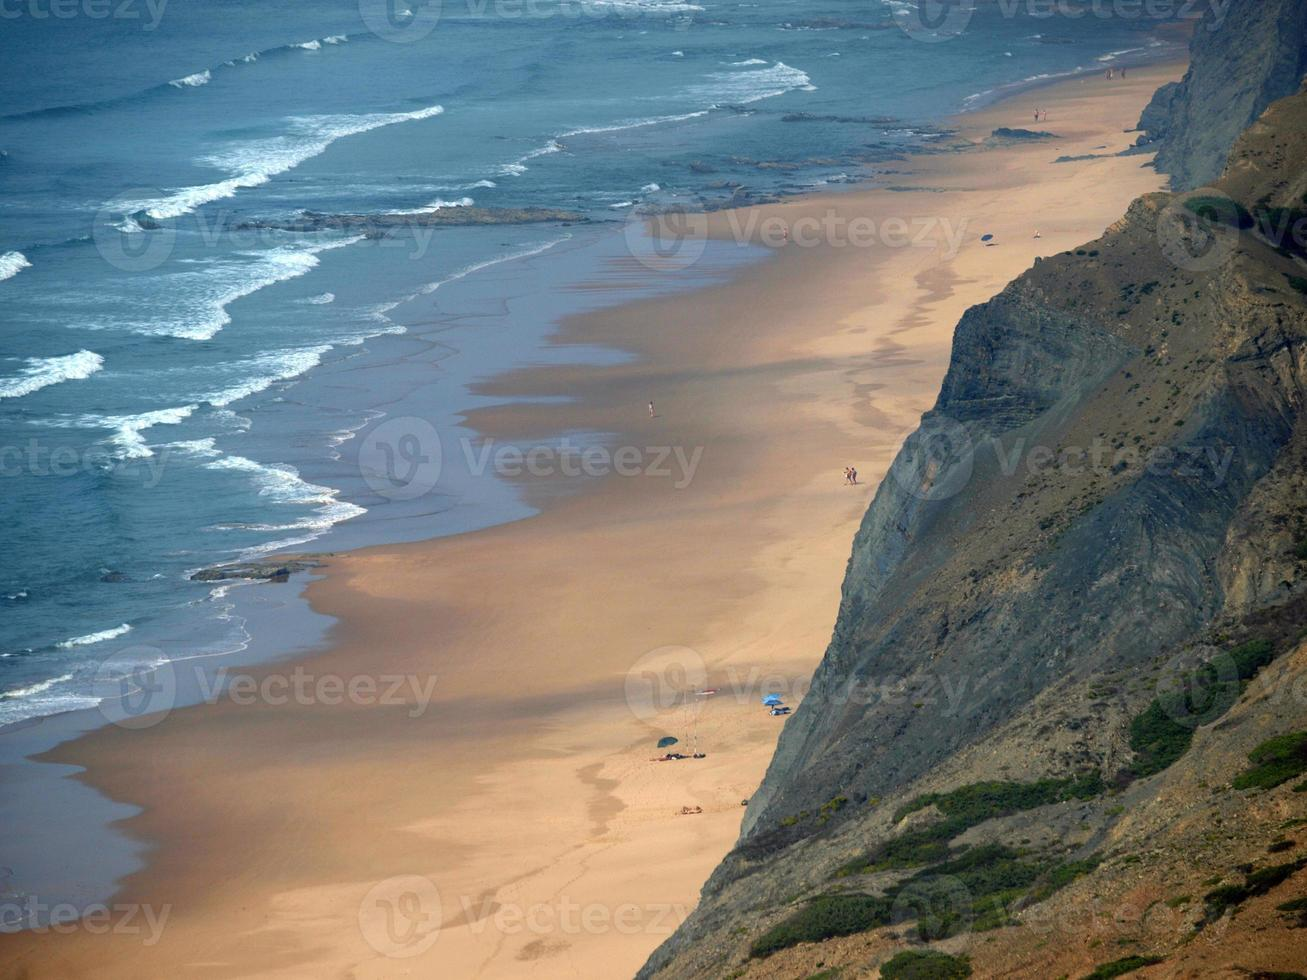 Cordoama Strand in der Nähe von Vila do Bispo, Algarve foto